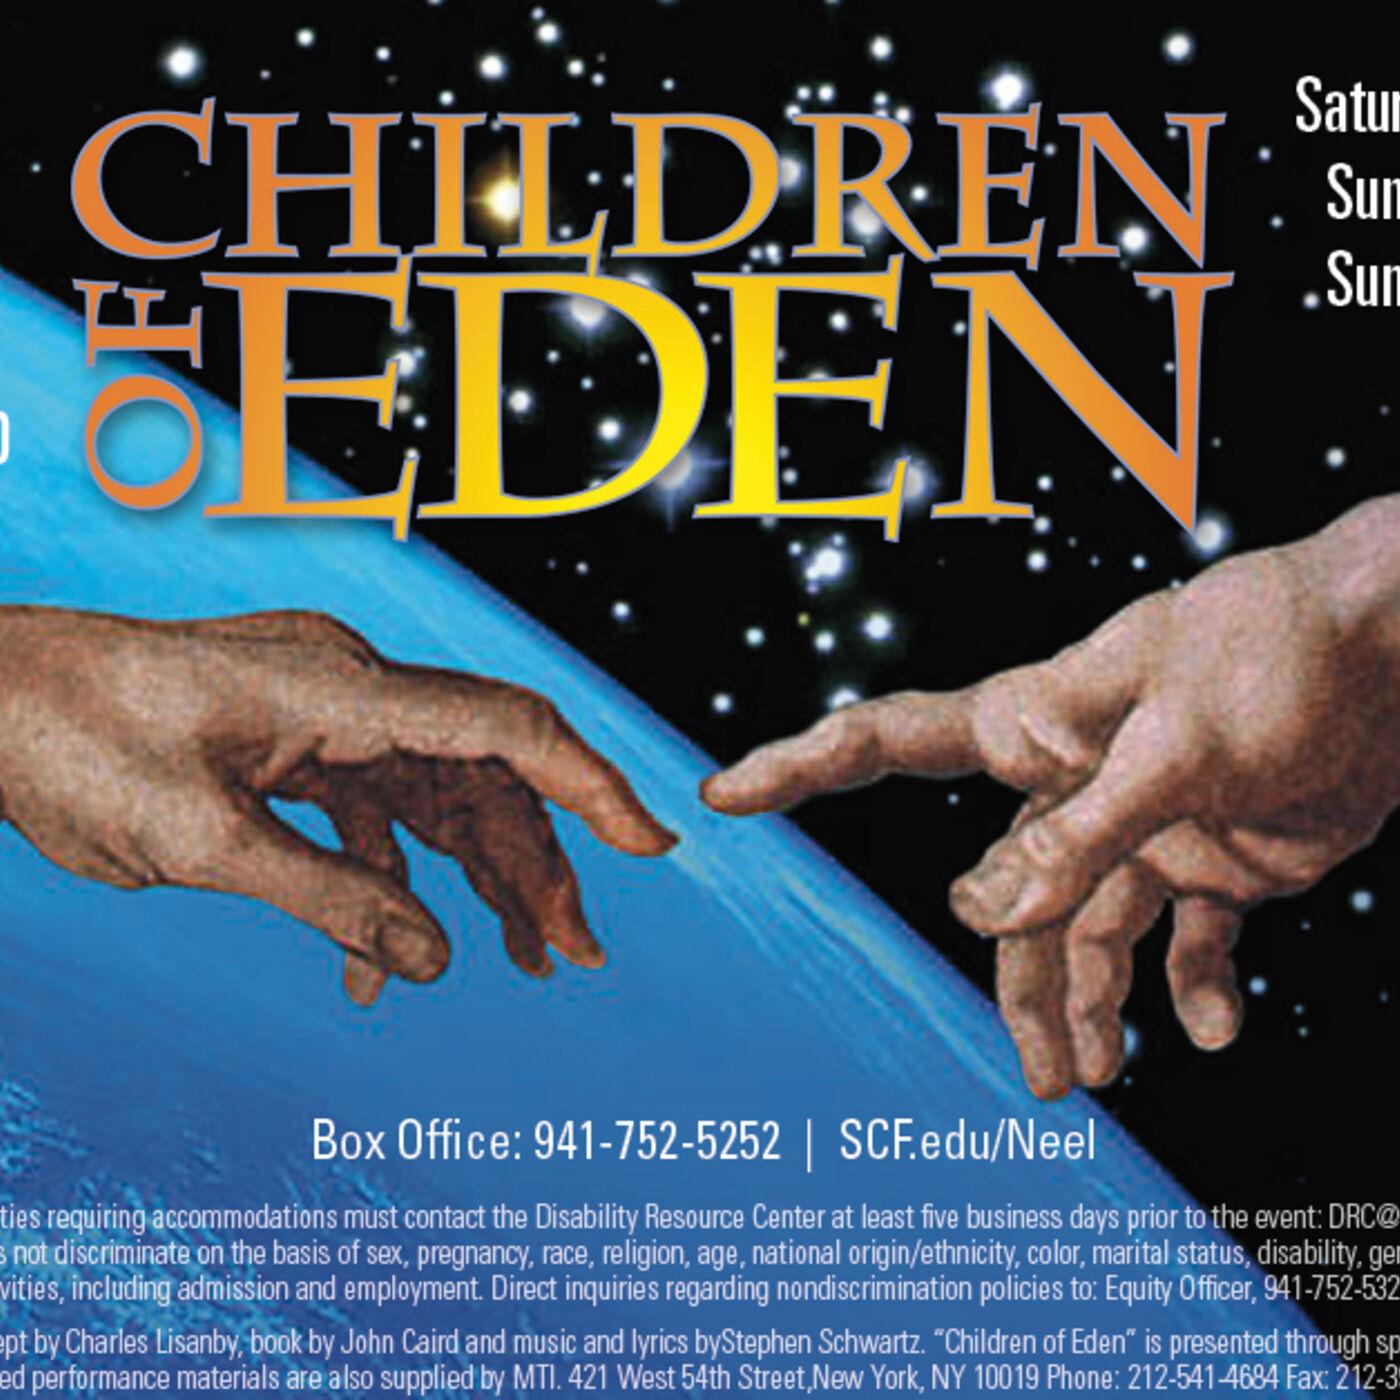 The SCF Musical Theatre Ensemble Presents Stephen Schwartz's Children of Eden